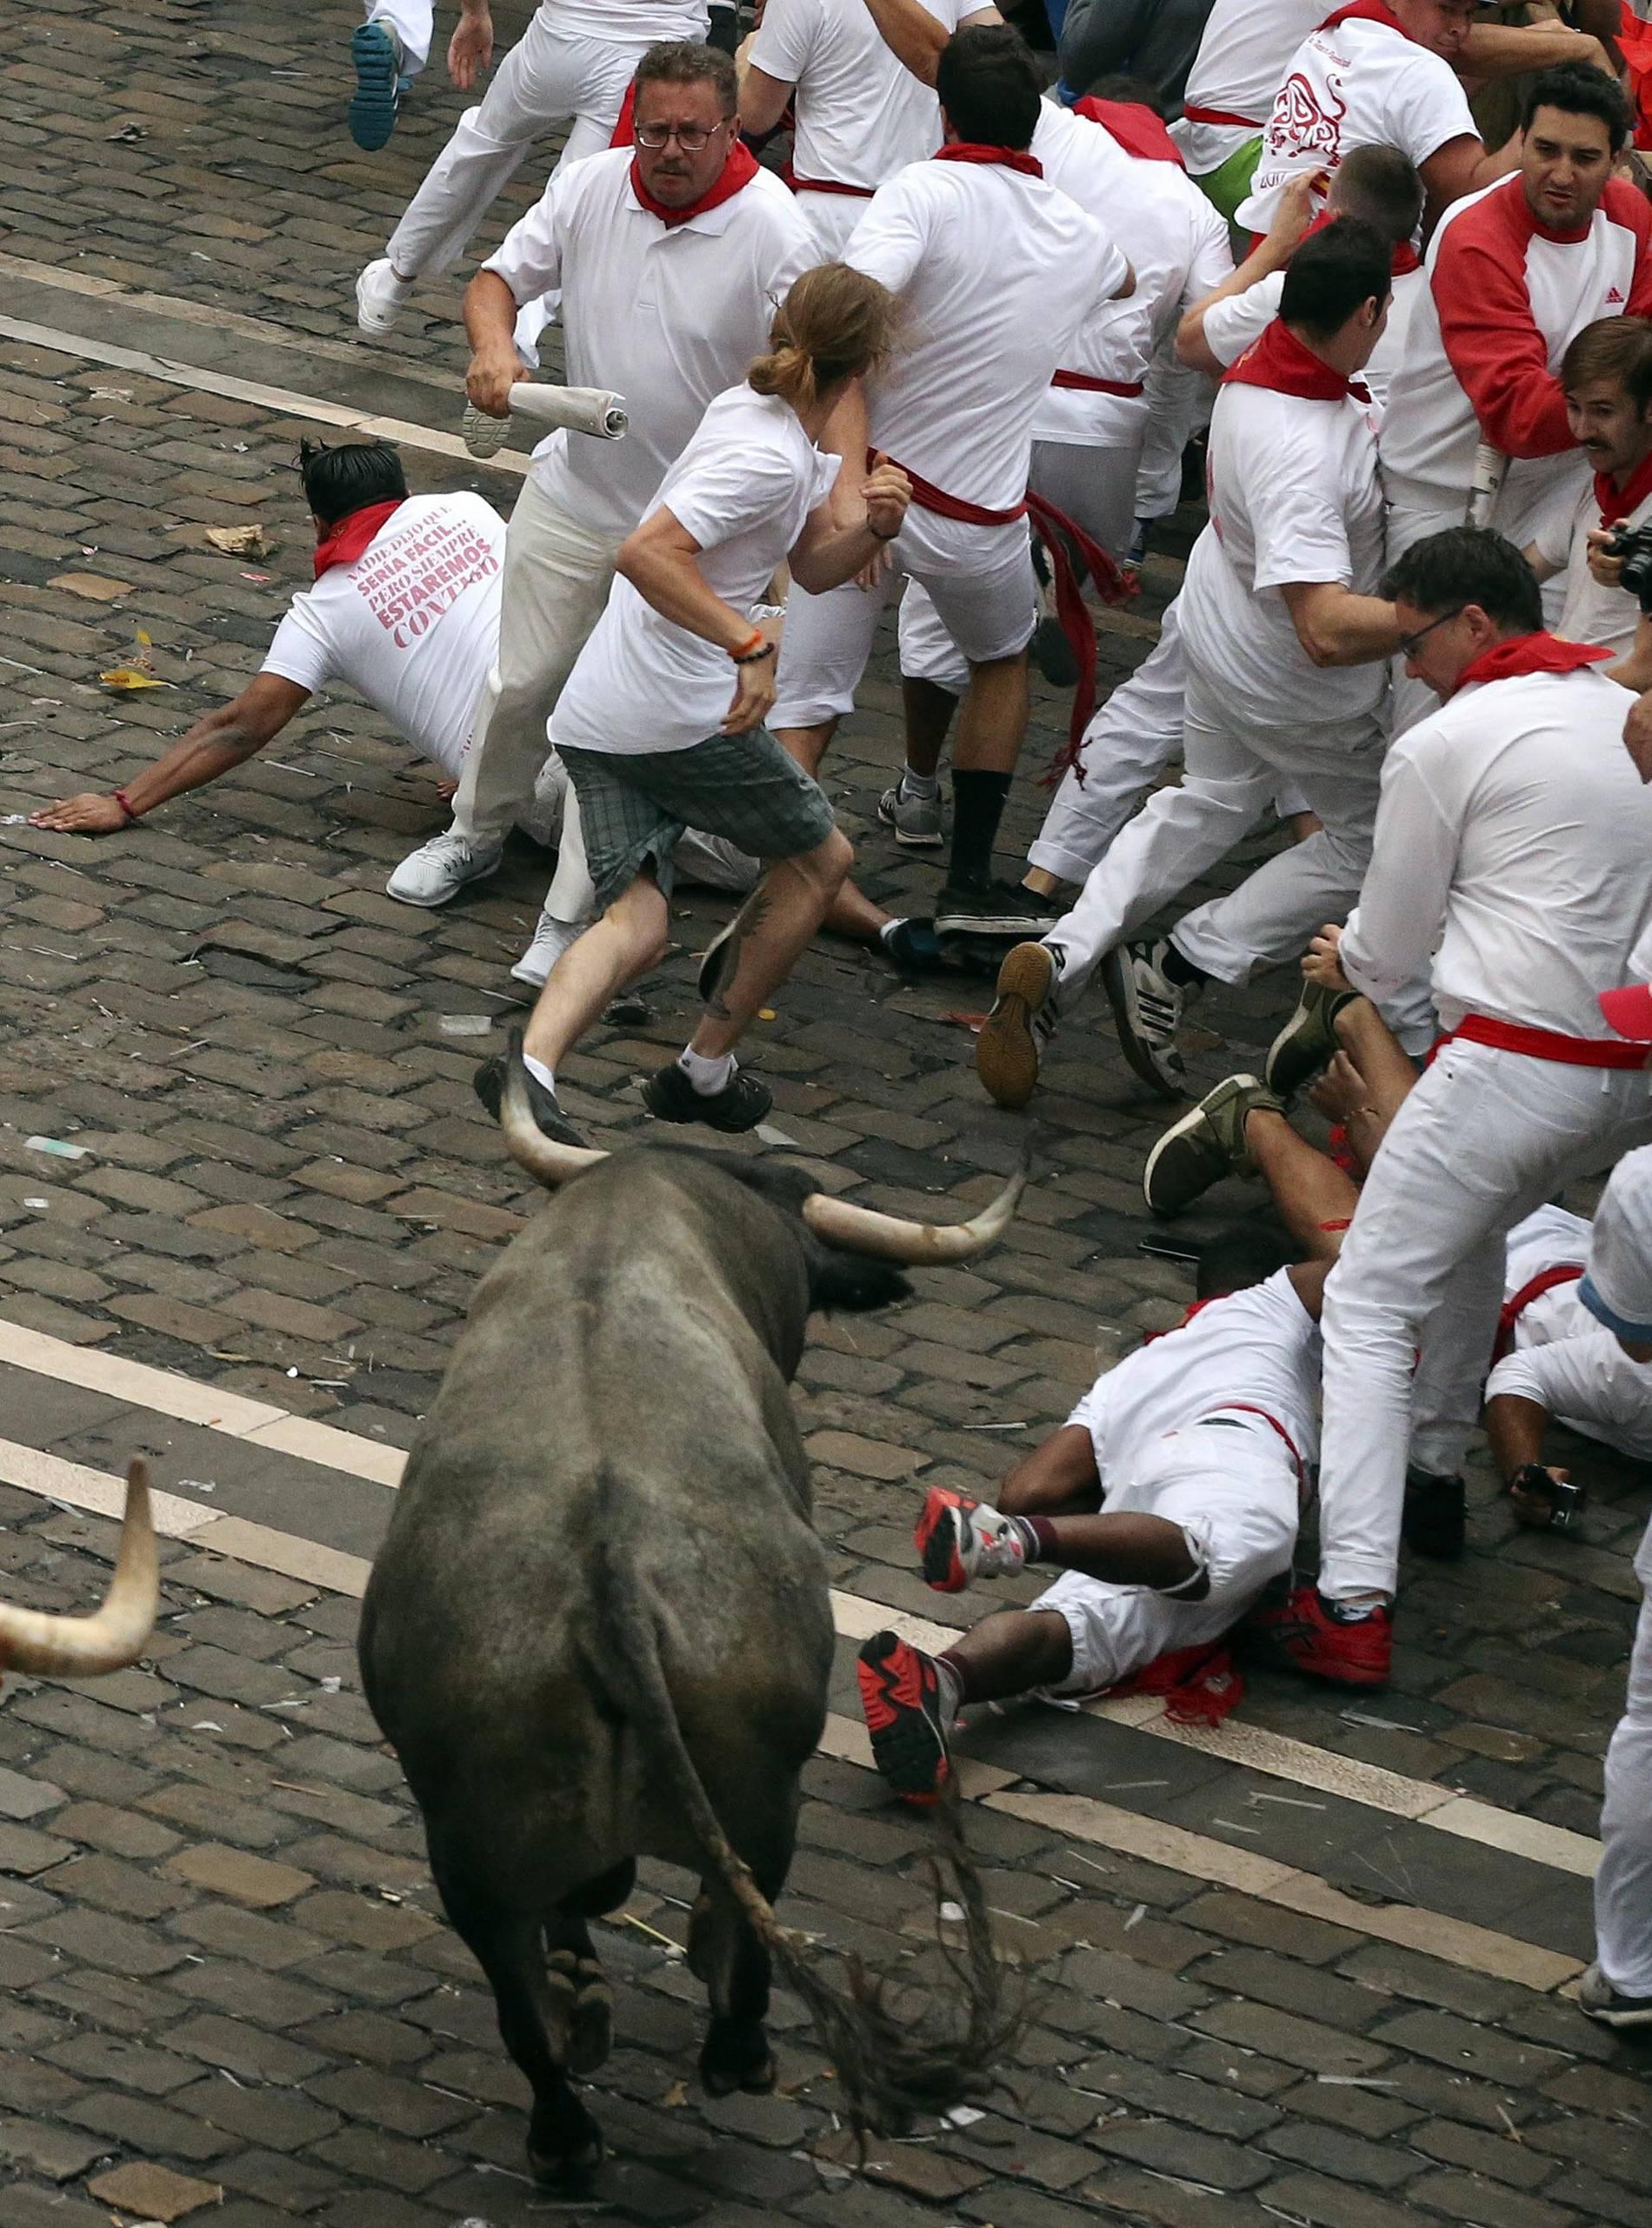 Herido grave en la plaza del Ayuntamiento (1/9) - Un norteamericano de 22 años ha resultado herido grave en el segundo encierro de San Fermín 2017 al ser empitonado en un brazo por uno de los toros de José Escolar. - San Fermín -